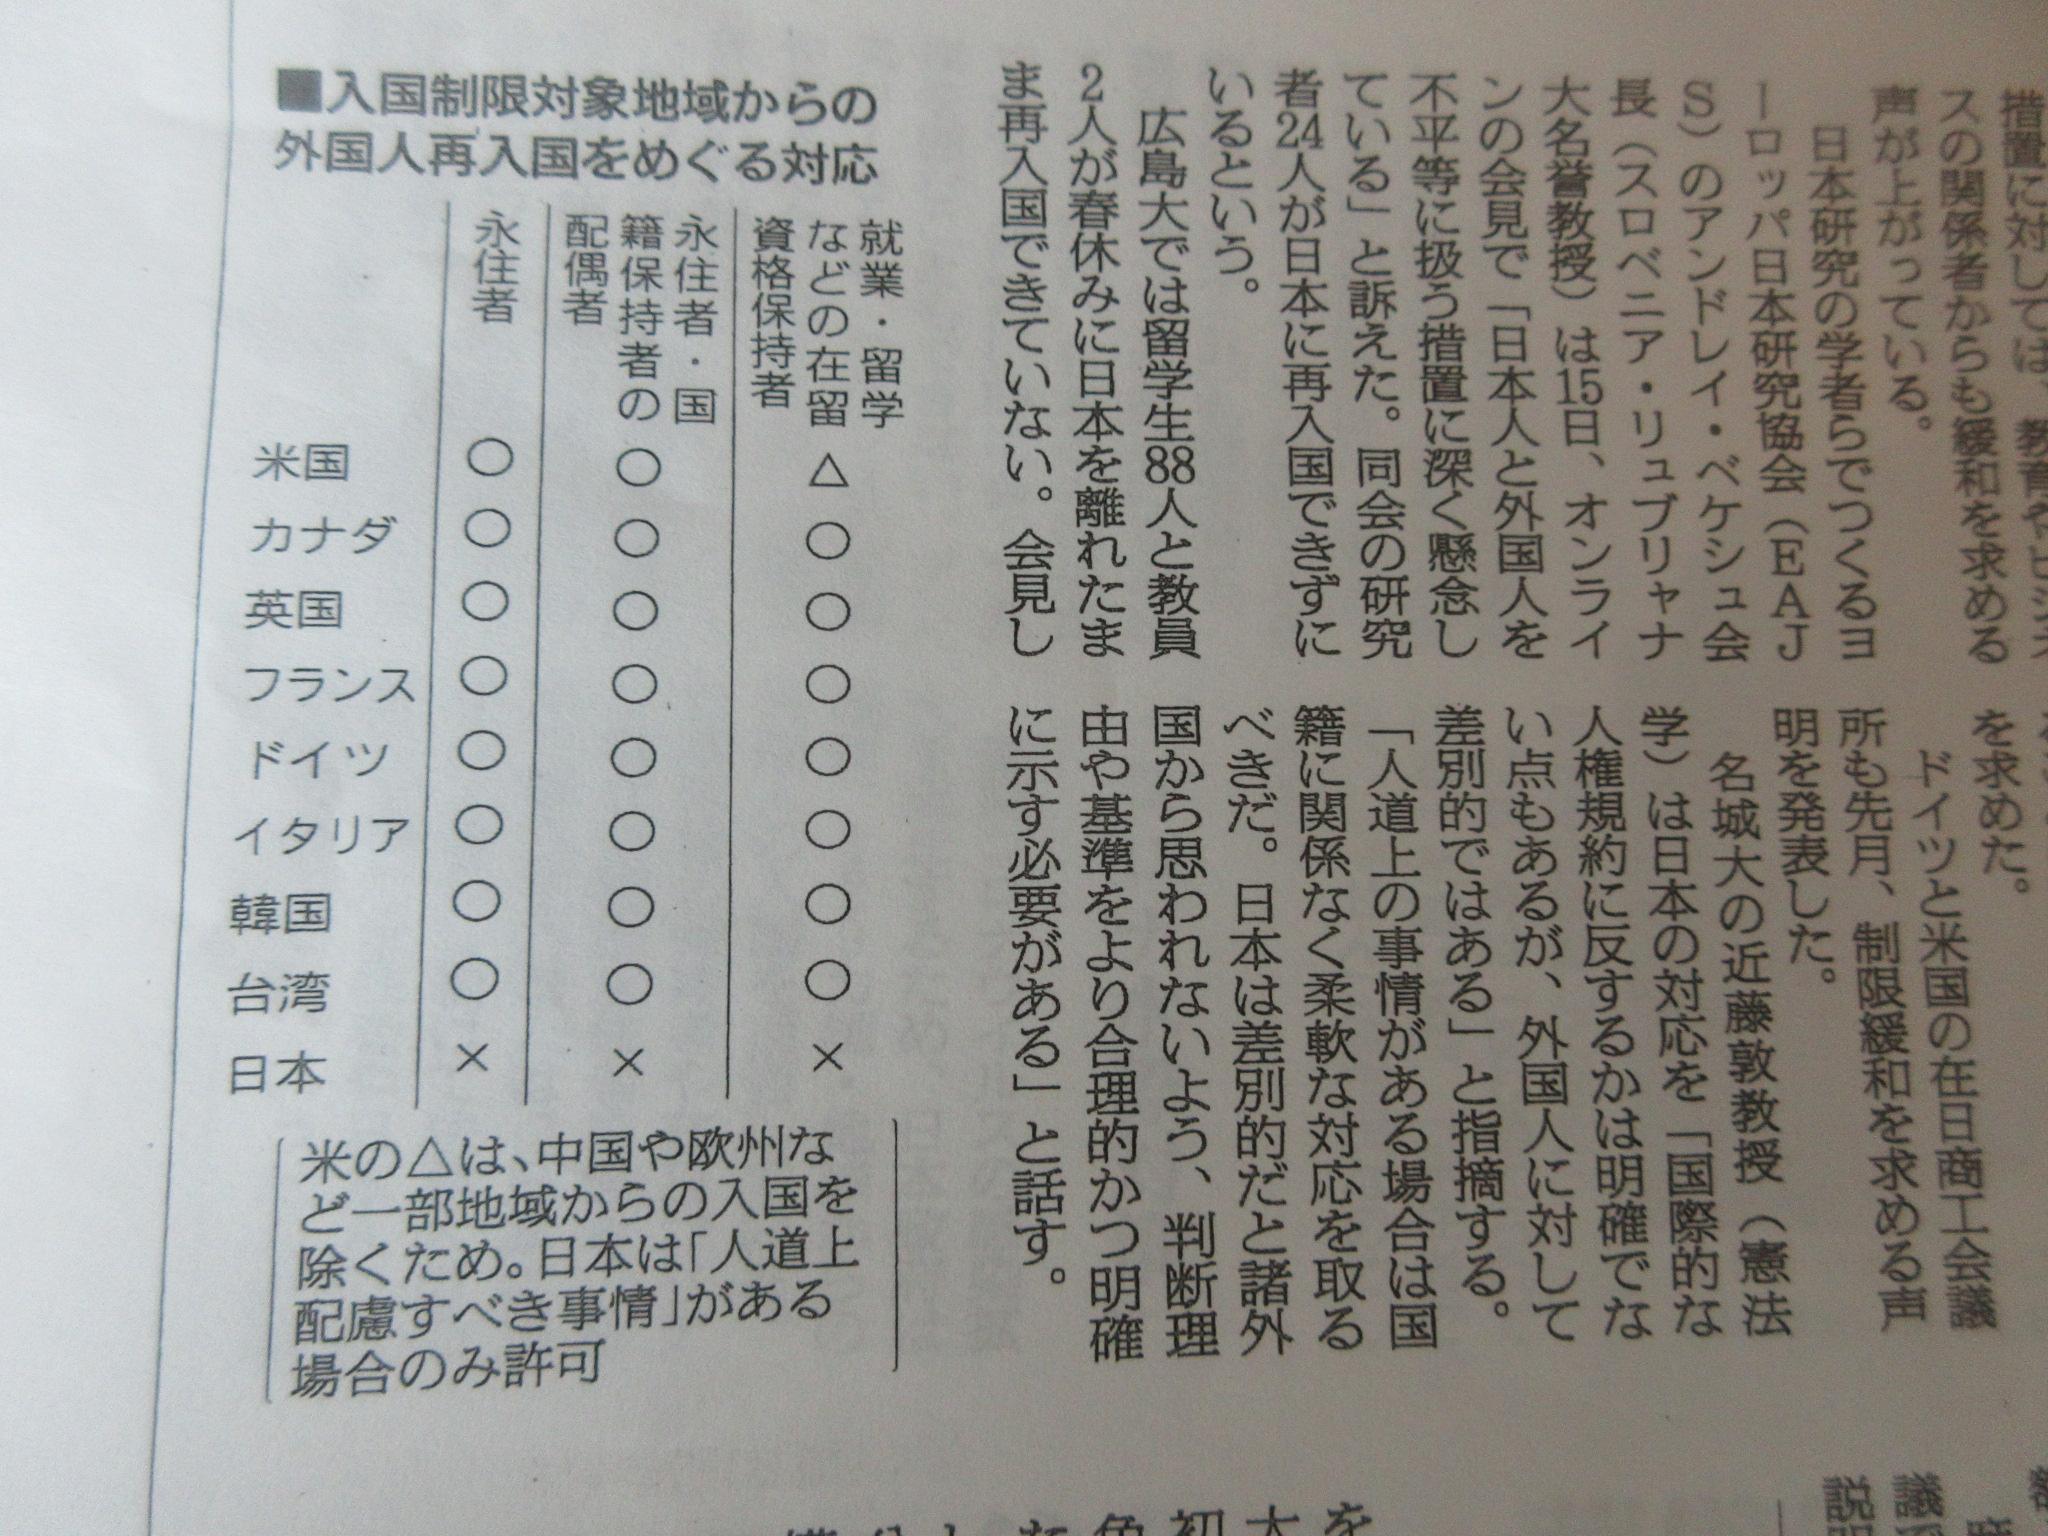 http://www.inoue-satoshi.com/diary/IMG_0903.JPG